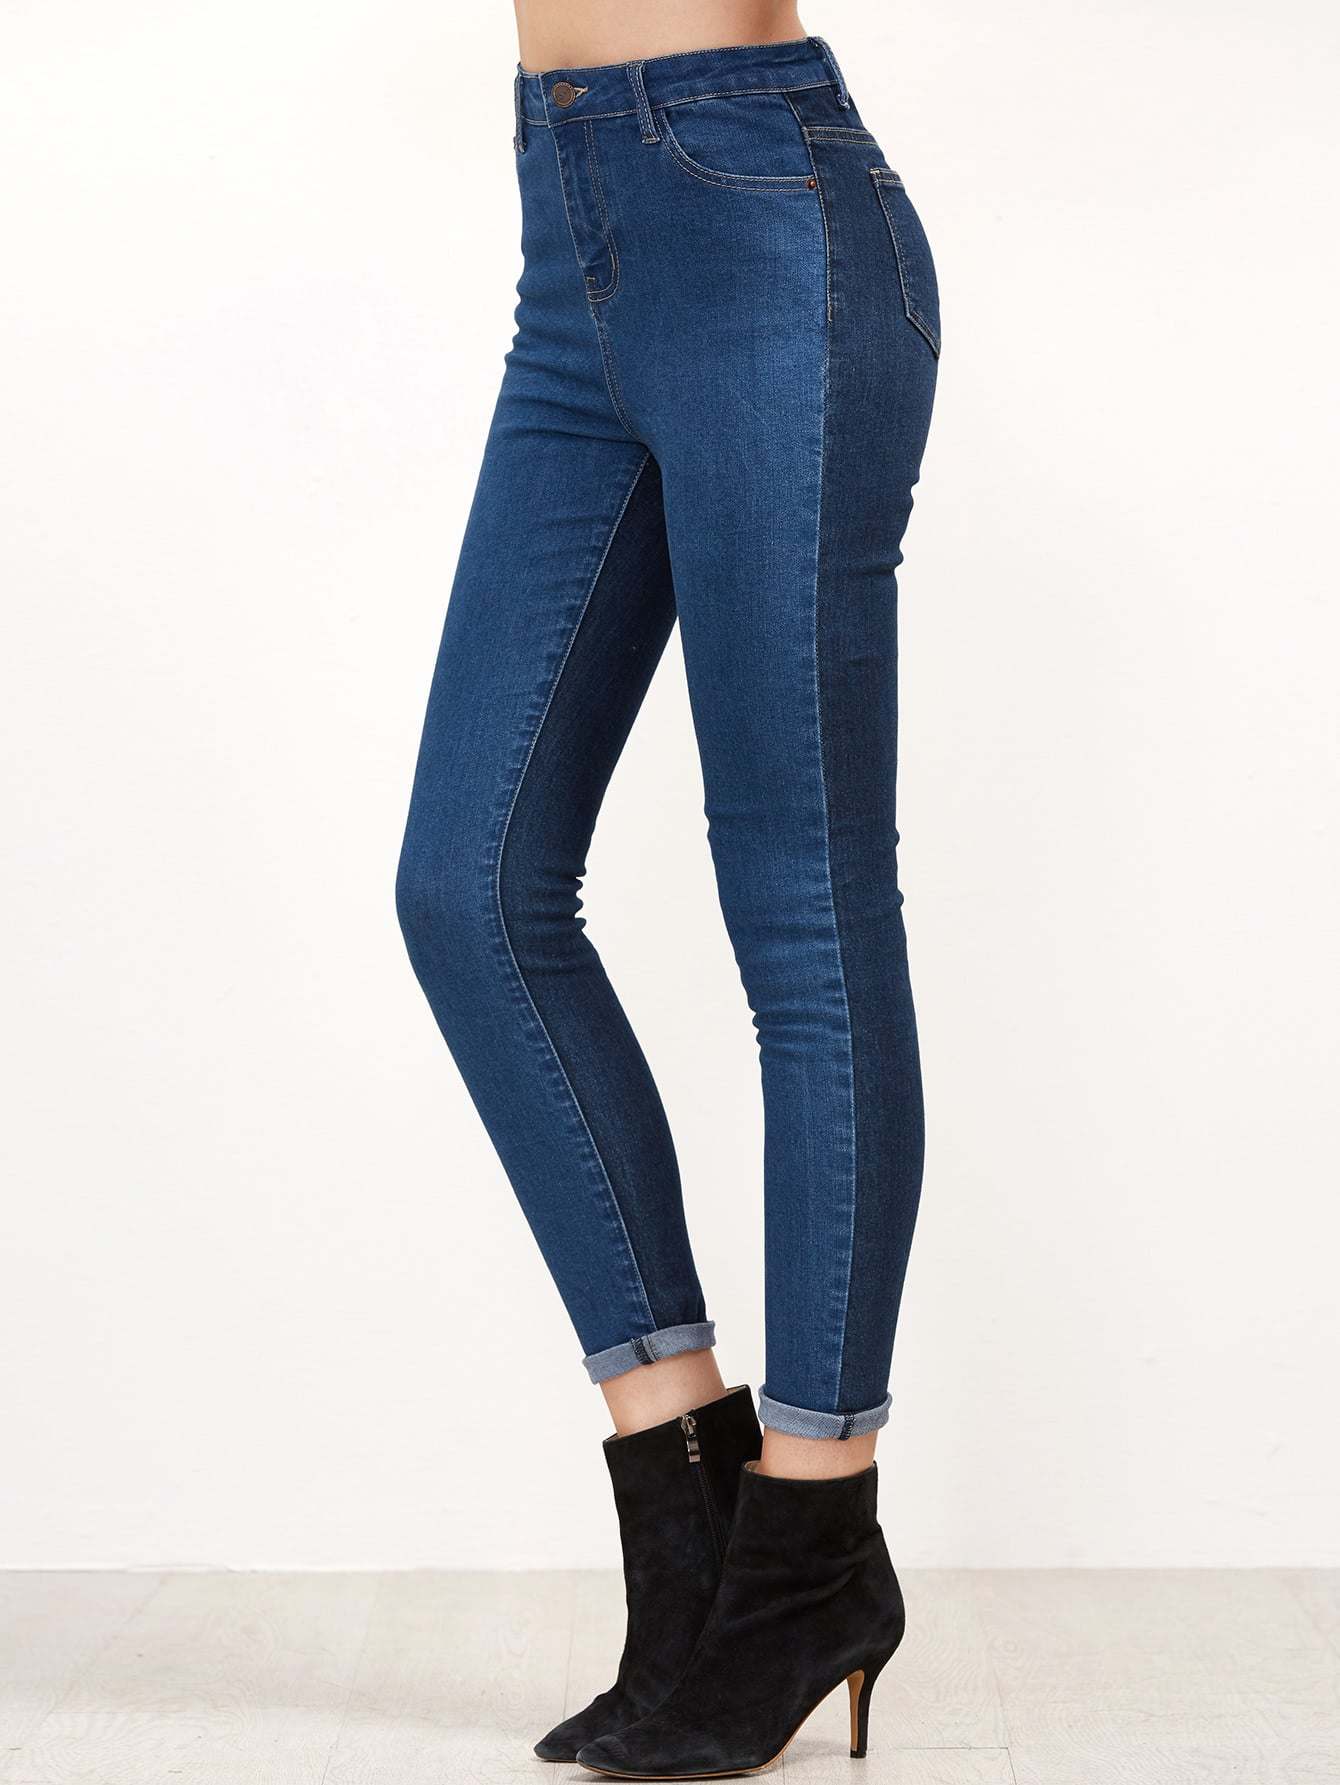 SheIn Contrast Skinny Denim Jeans